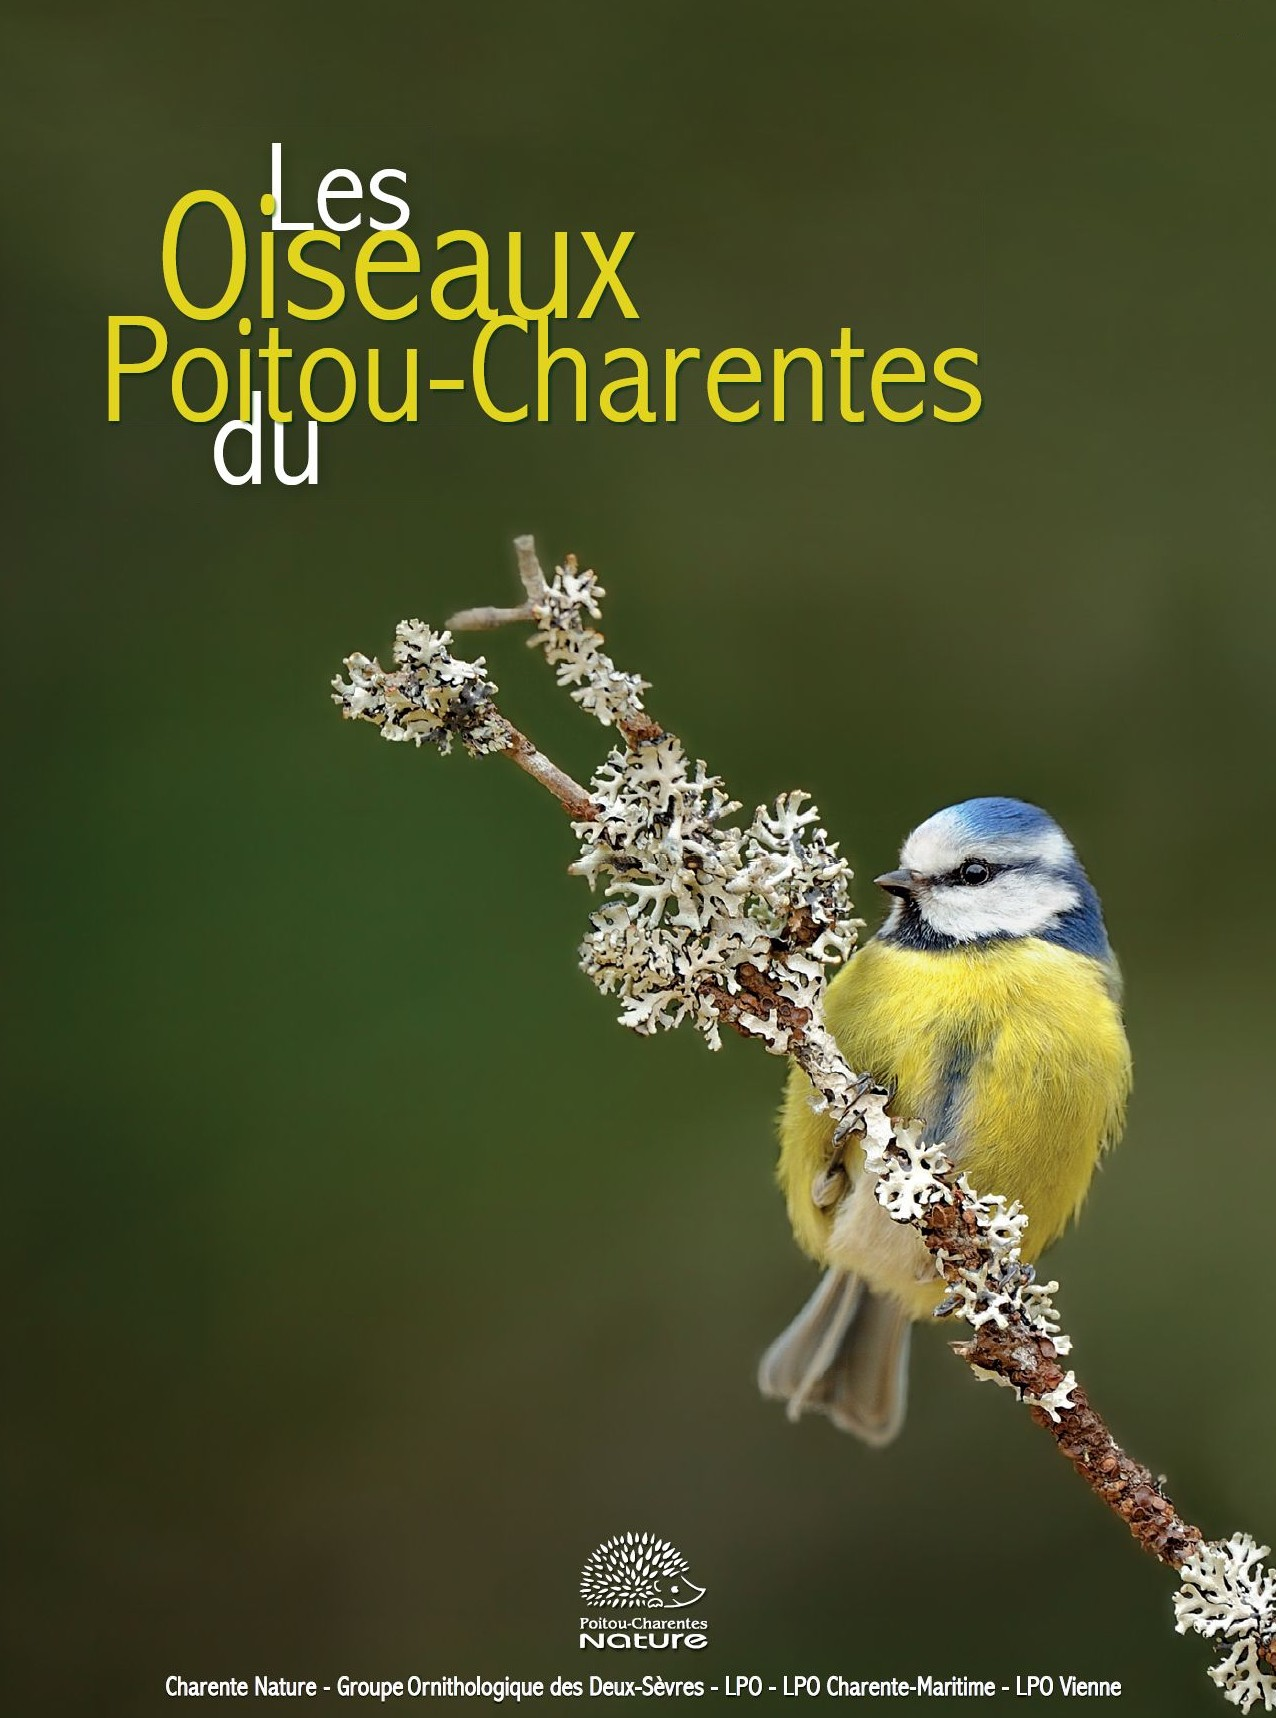 Les Oiseaux du Poitou-Charentes